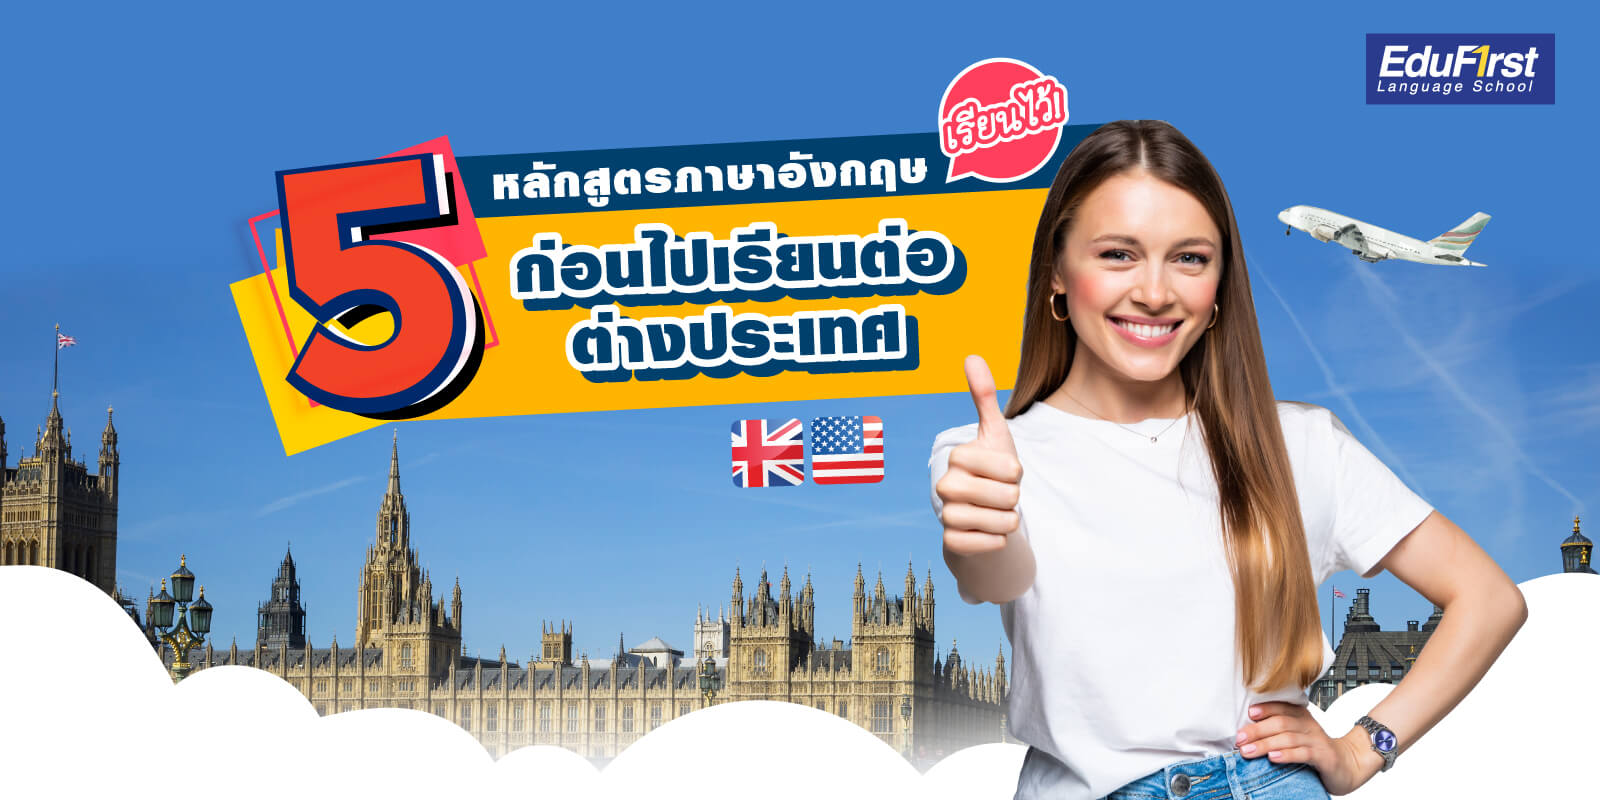 5 หลักสูตร เรียนภาษาอังกฤษ ก่อนไปเรียนต่อต่างประเทศ ที่ควรเรียนไว้